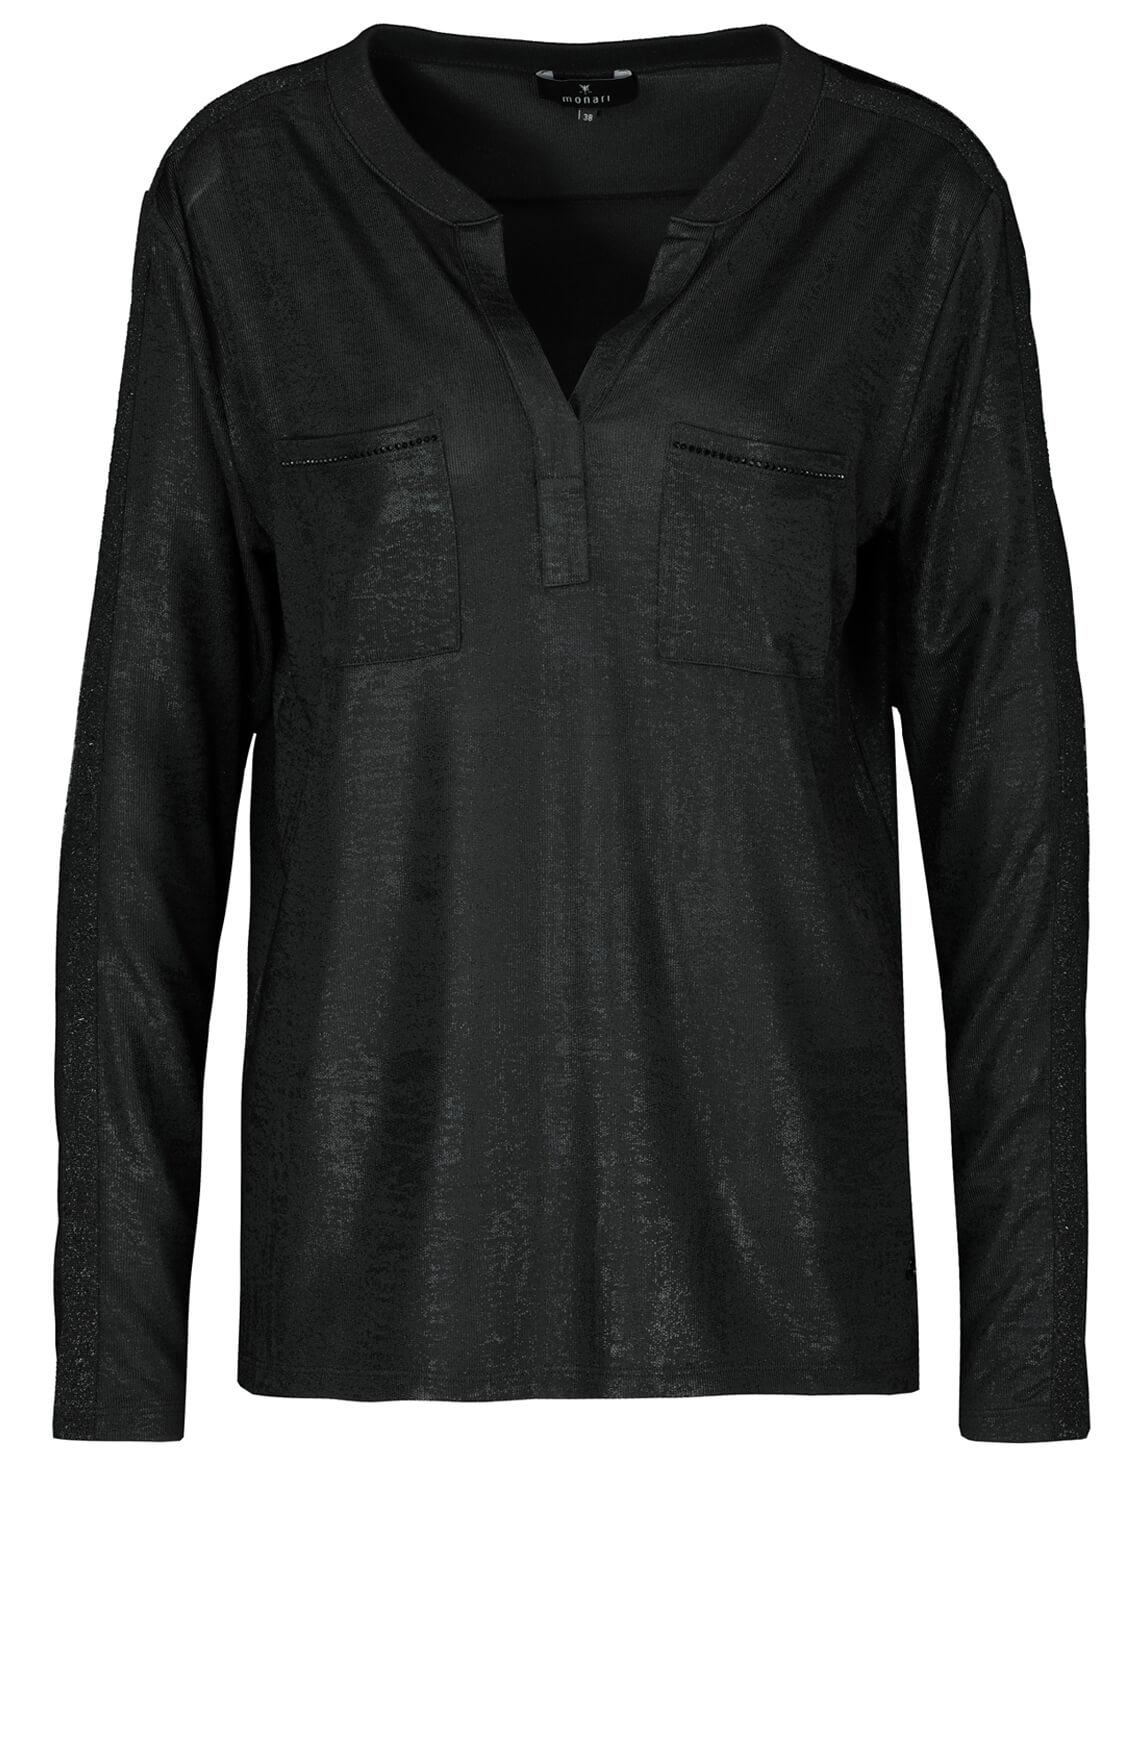 Monari Dames Shirt met gecoate look zwart